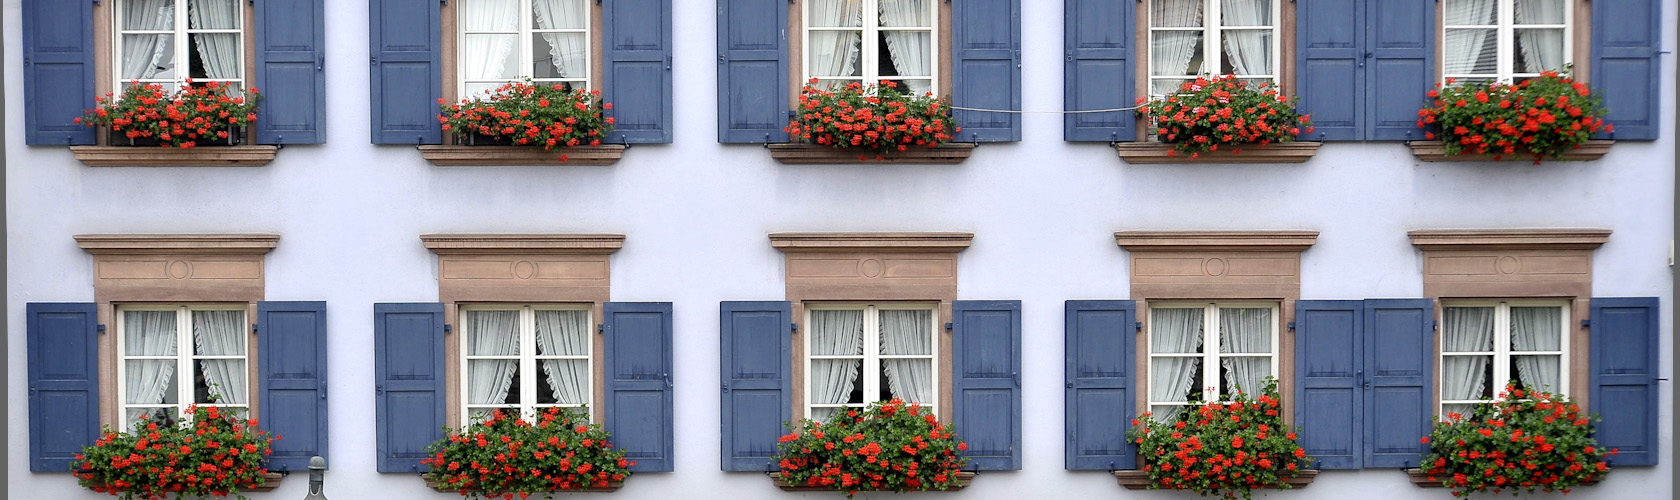 Ferienwohnungen Stiegeler Freiburg Innenstadt